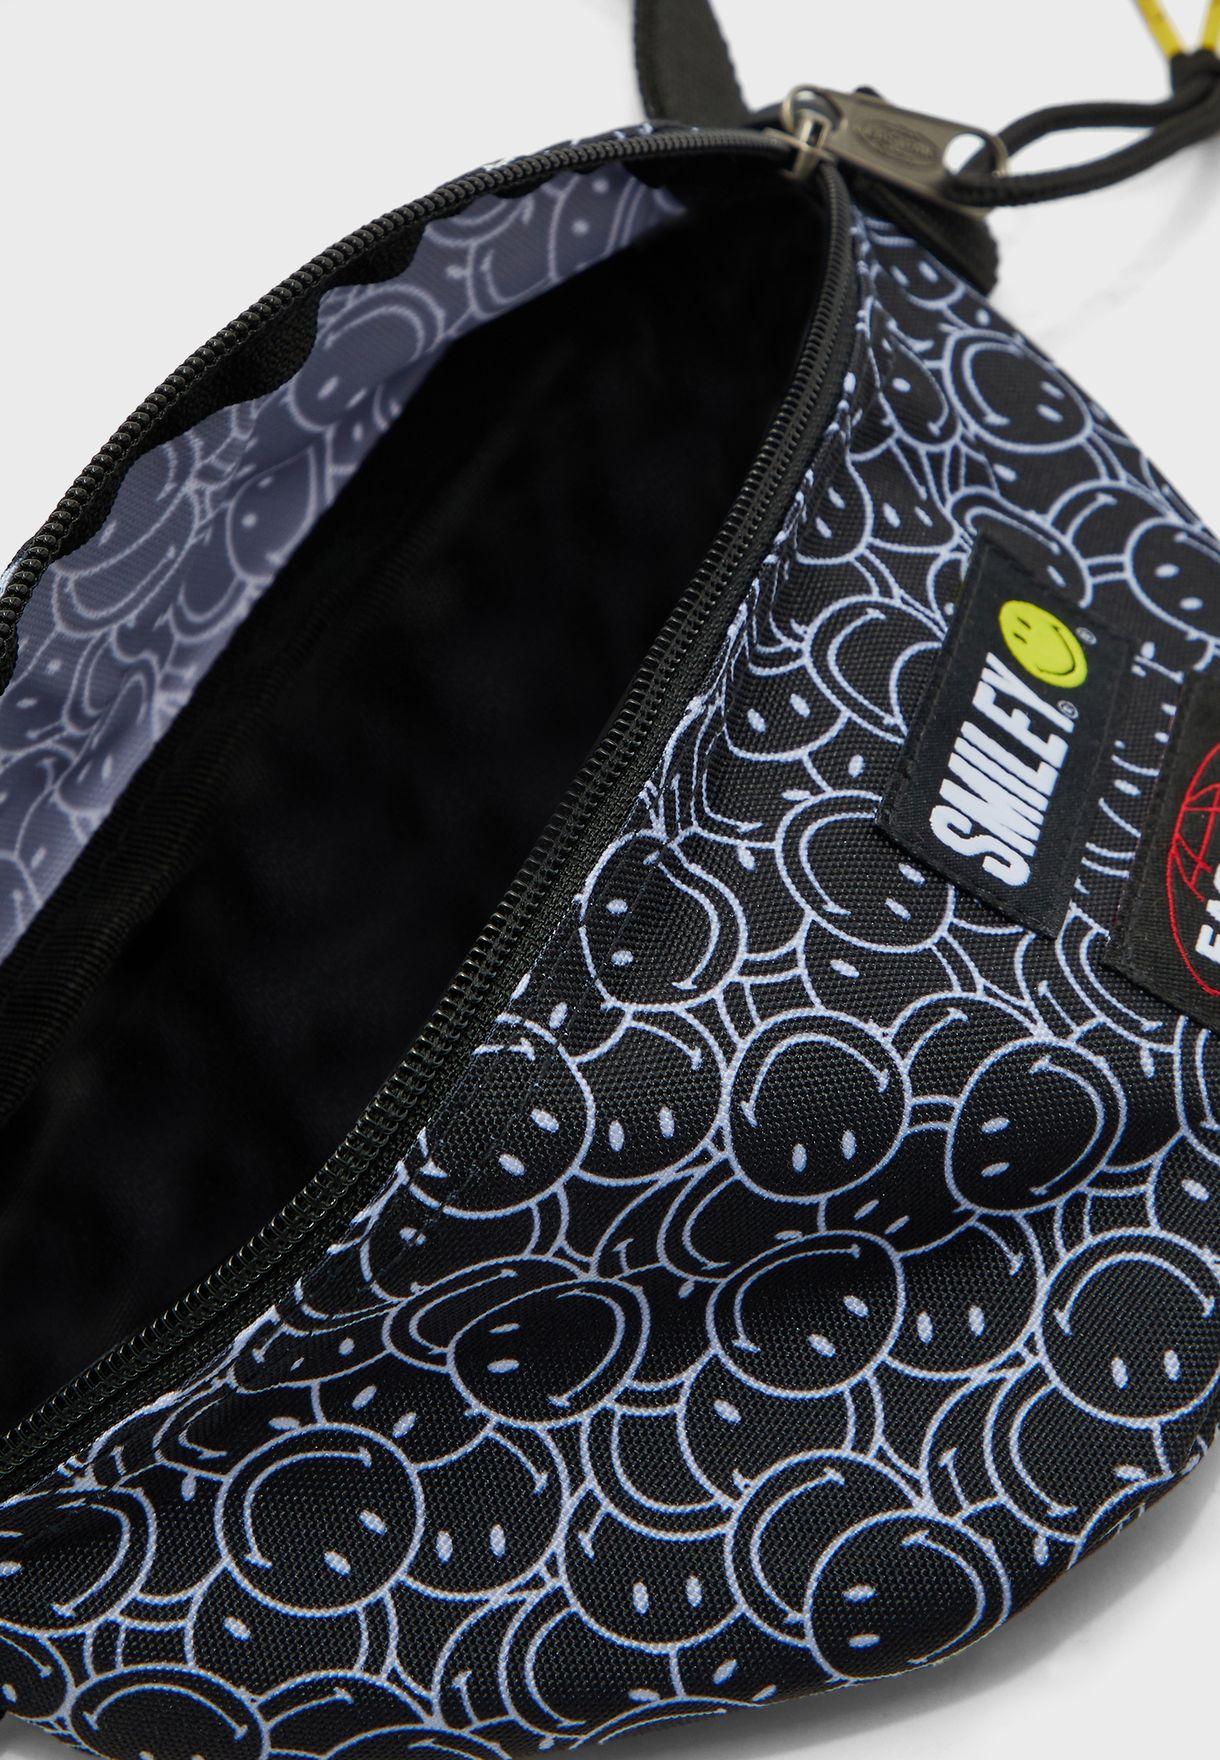 Springer Smiley Messenger Bag